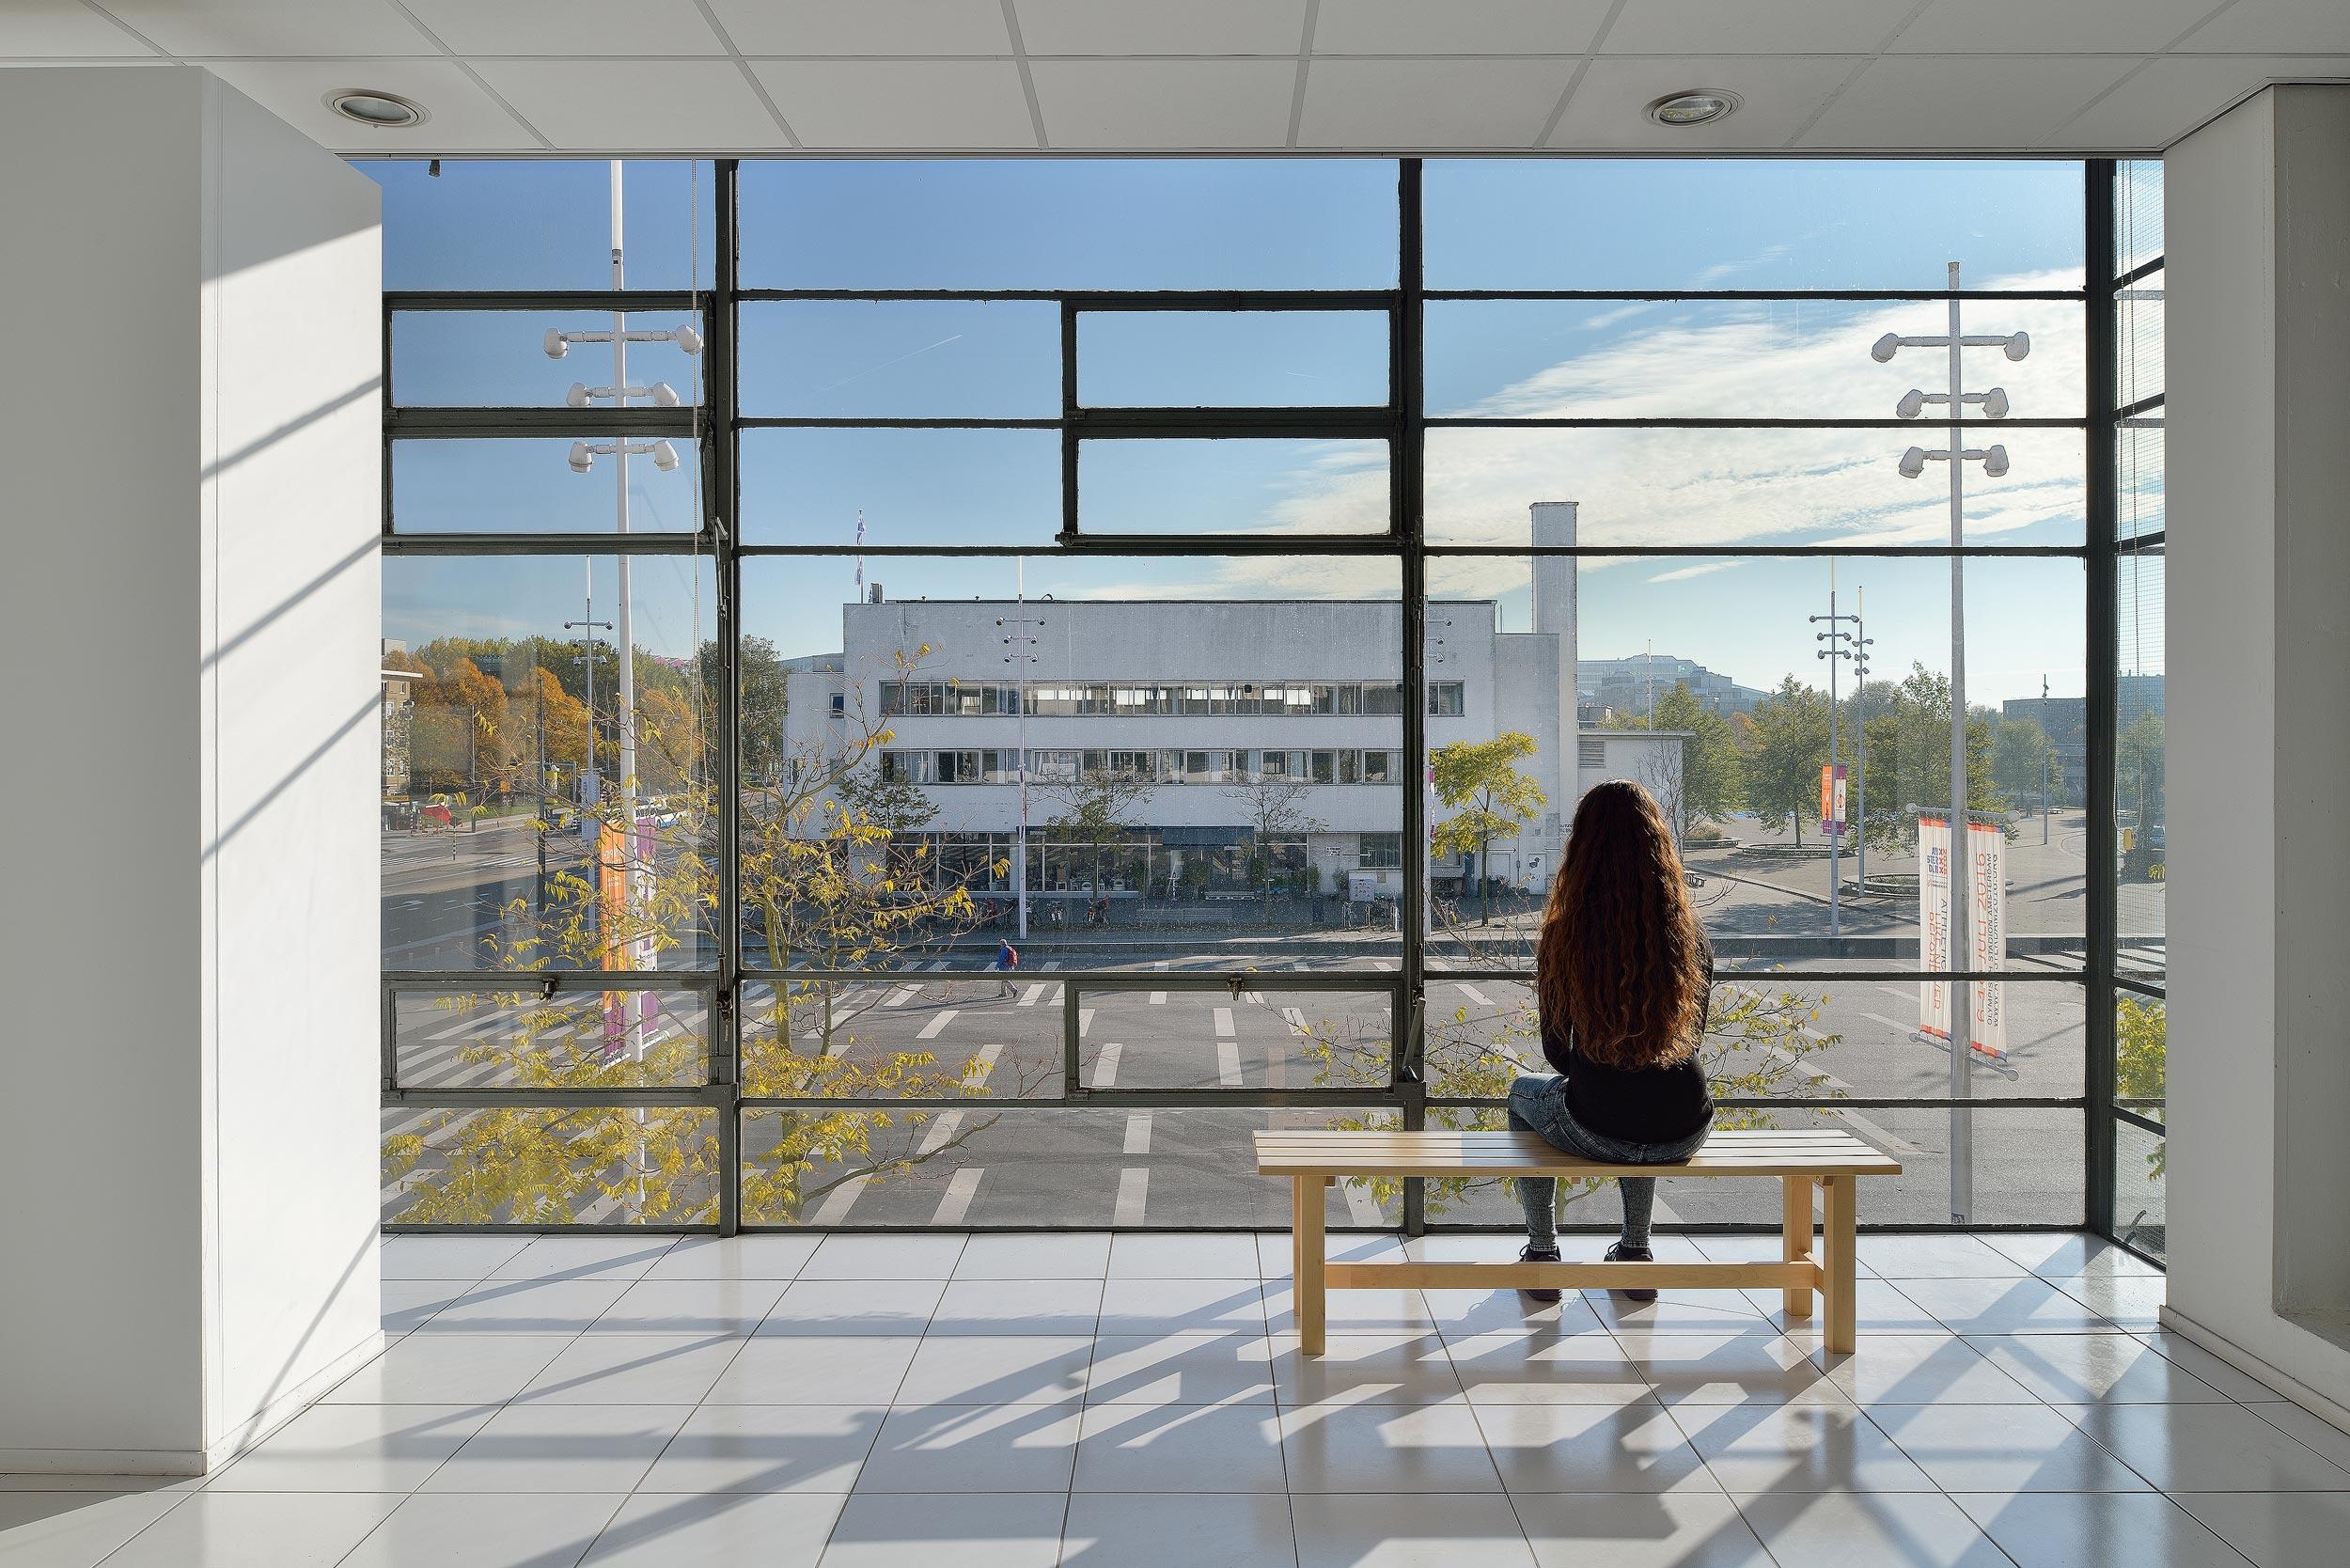 The Garage, The Olympic, Amsterdam, Stadionplein, Citroen gebouw, gebouwen, Citroengarages